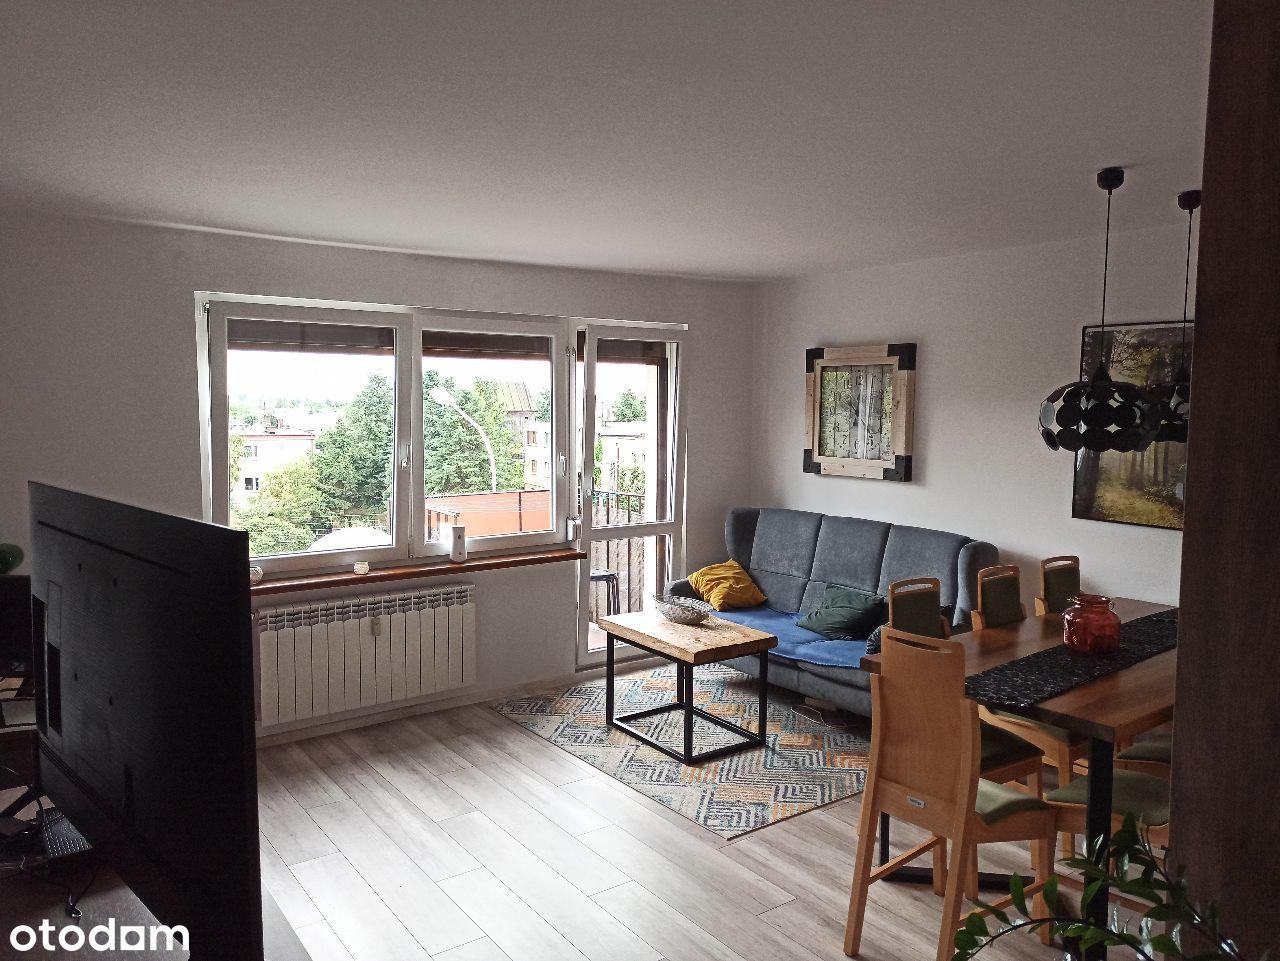 Mieszkanie 3 pokojowe 53 m2 Możliwa zamiana na Dom